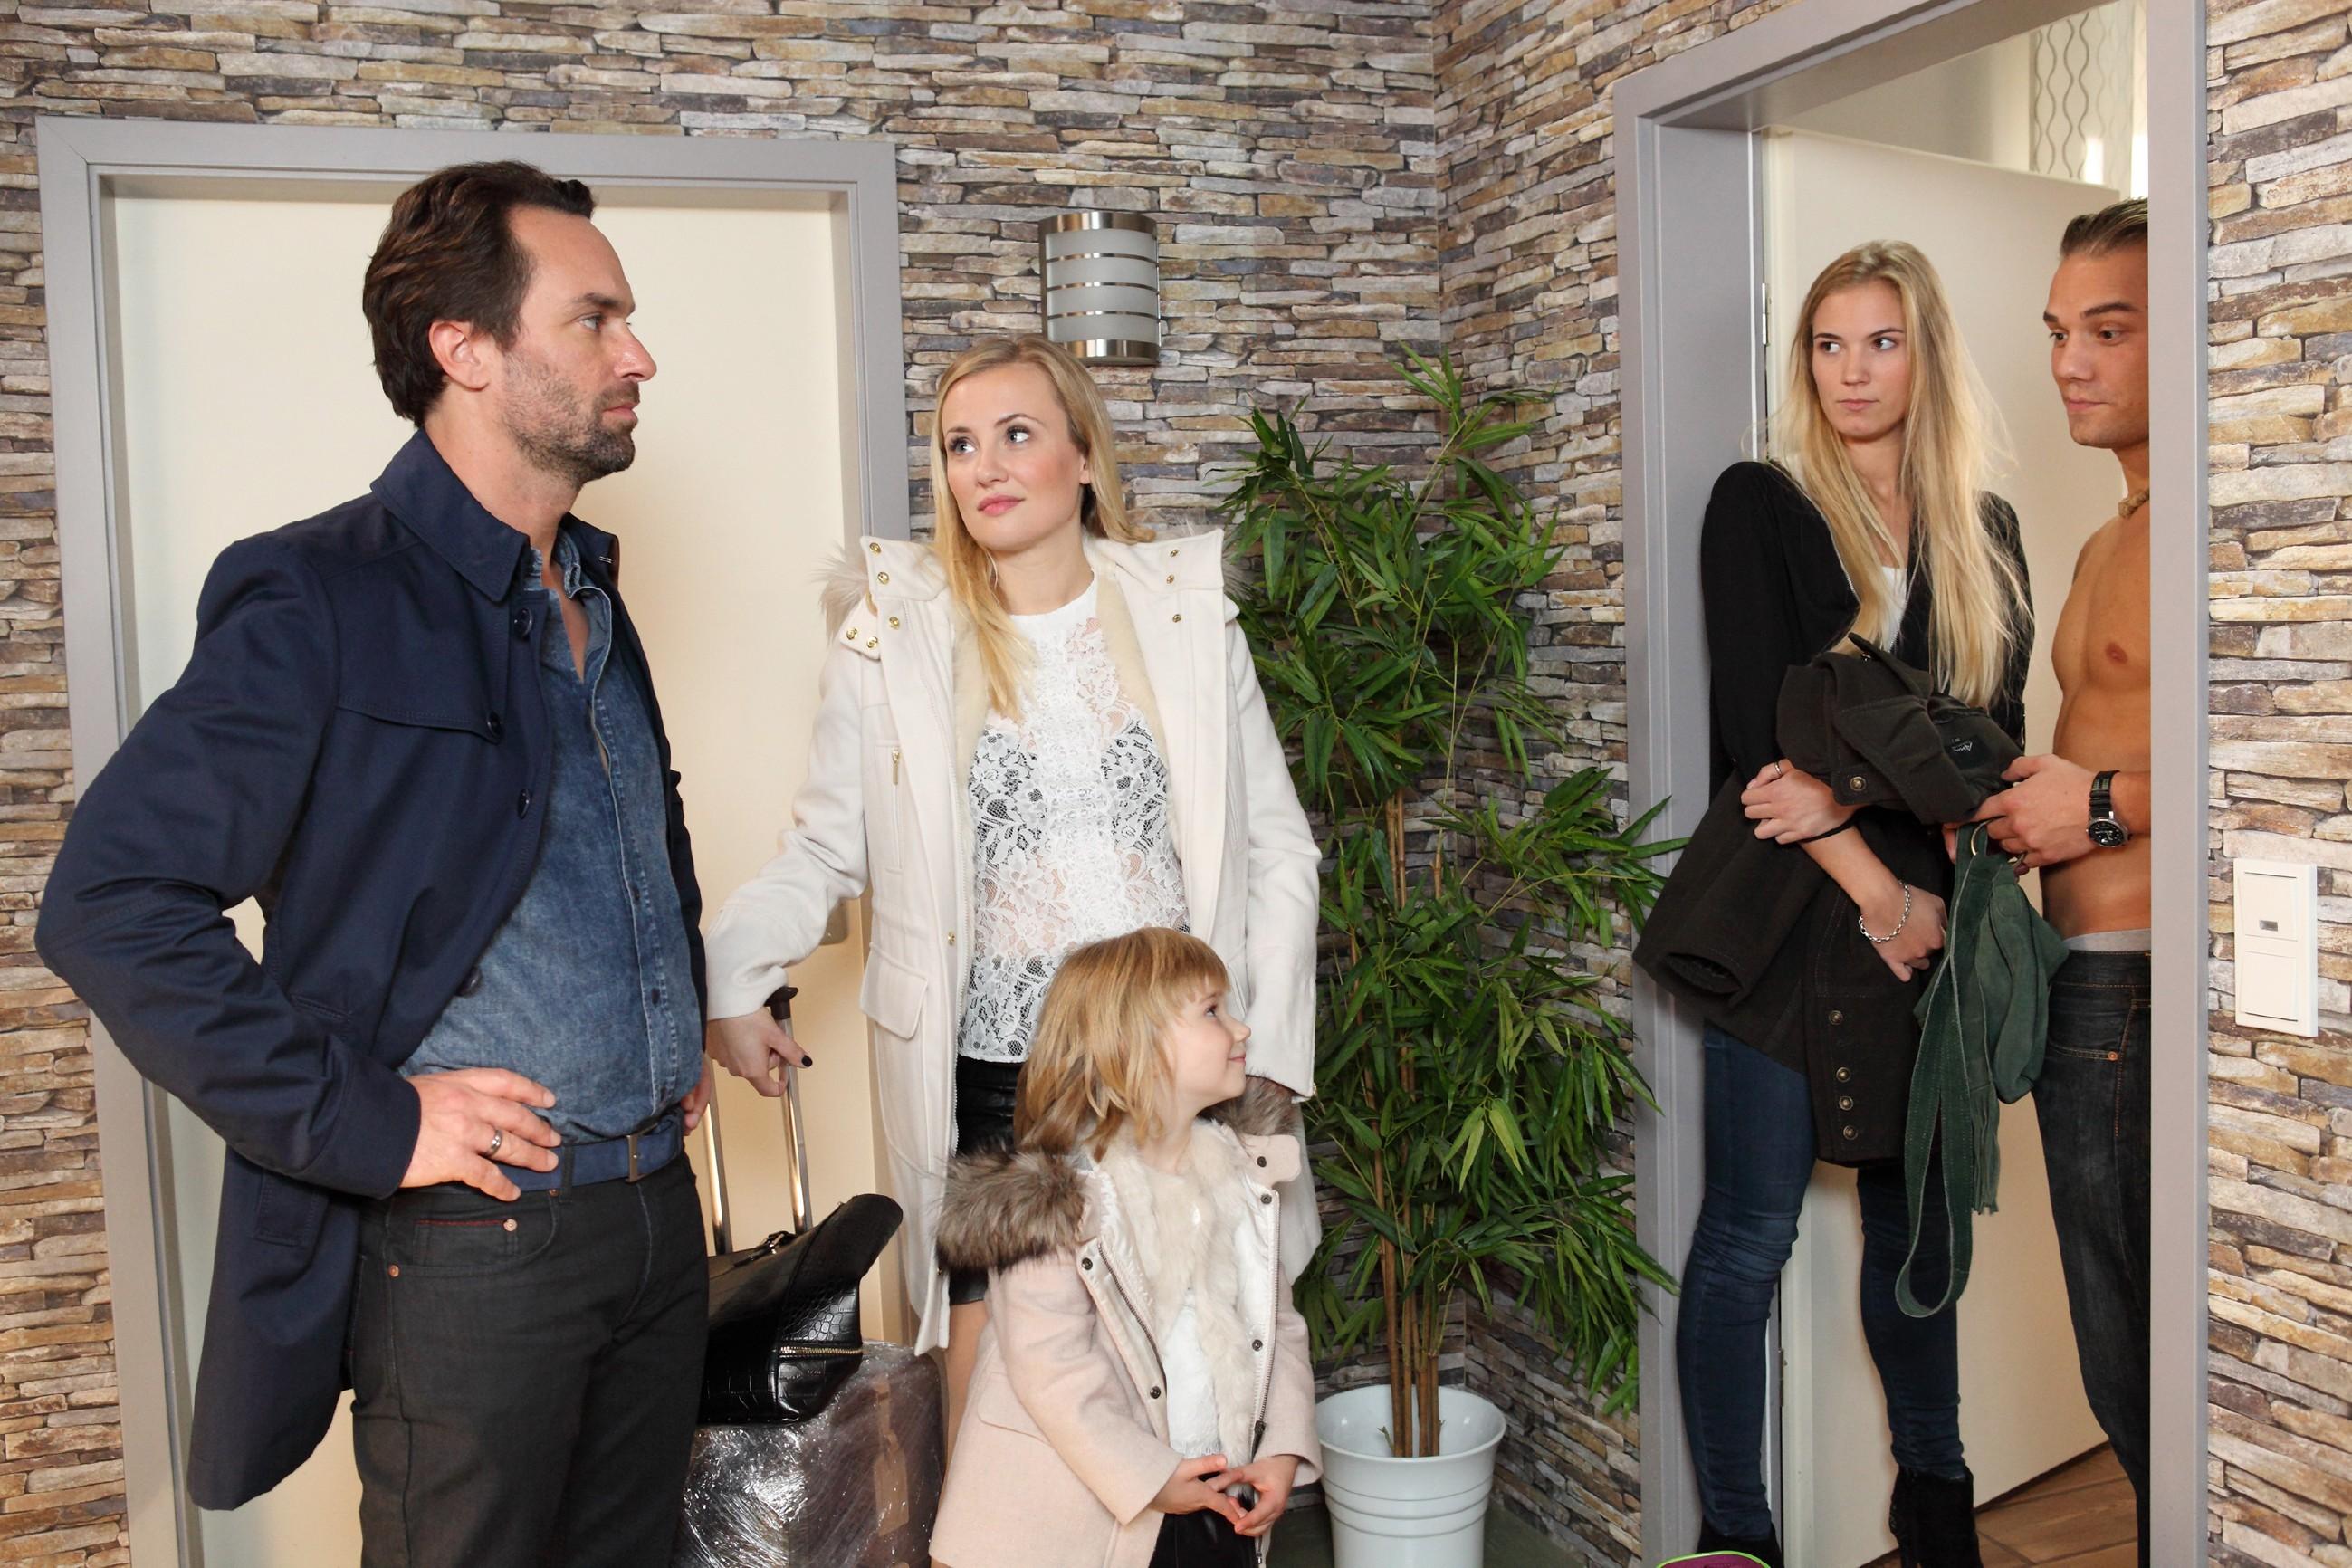 Leo (Julian Bayer, r.) und Susi (Ramona Plaspohl, 2.v.r.) sind überrascht, als plötzlich Isabelle (Ania Niedieck) mit Tochter Sophia und Thomas (Daniel Brockhaus) vor der Tür stehen. (Quelle: RTL / Frank Hempel)